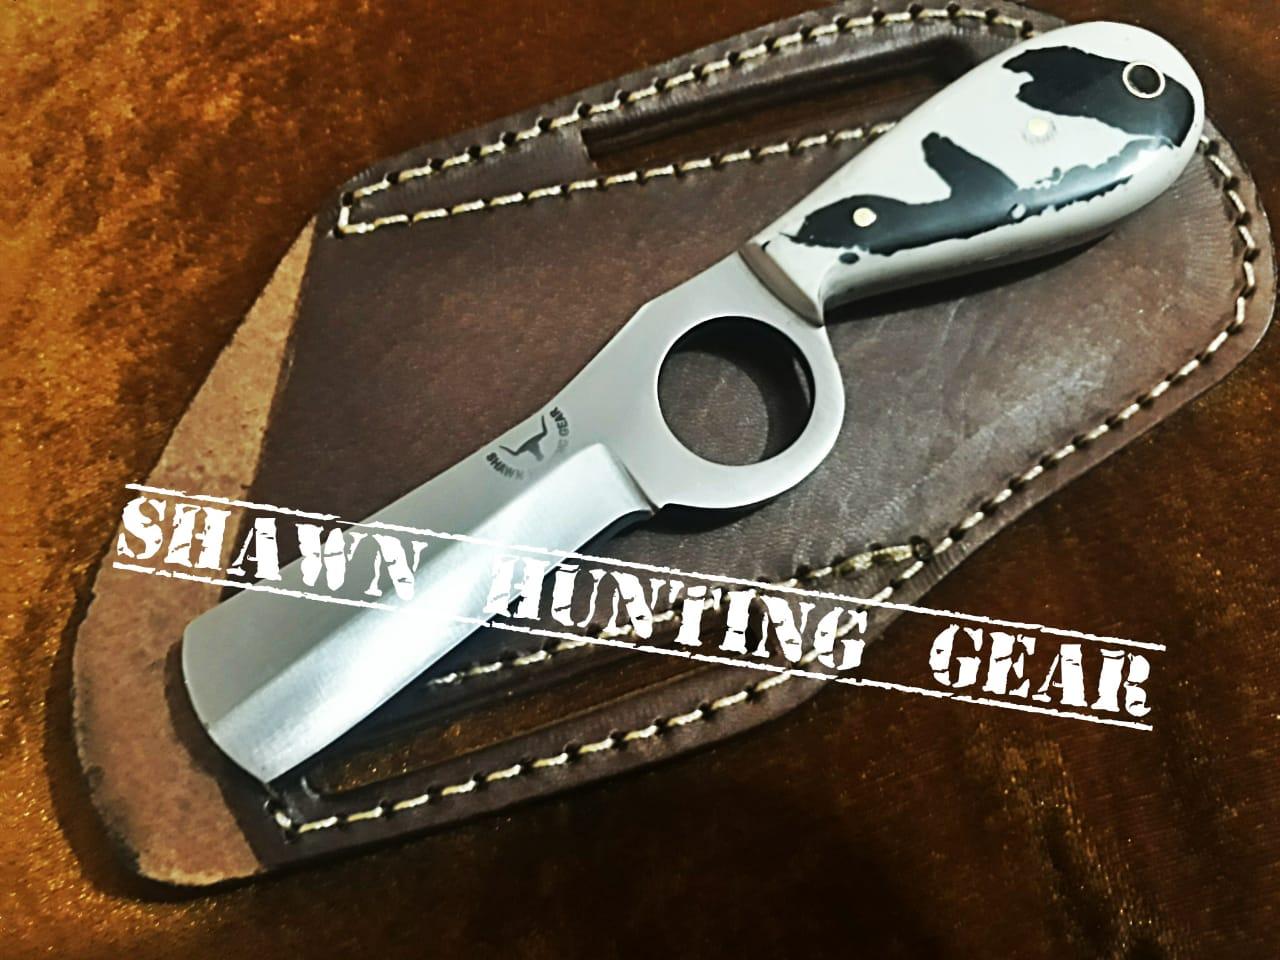 Cutngrow 75 Handmade Cowboy Bull Cutter Gorgeous Knife